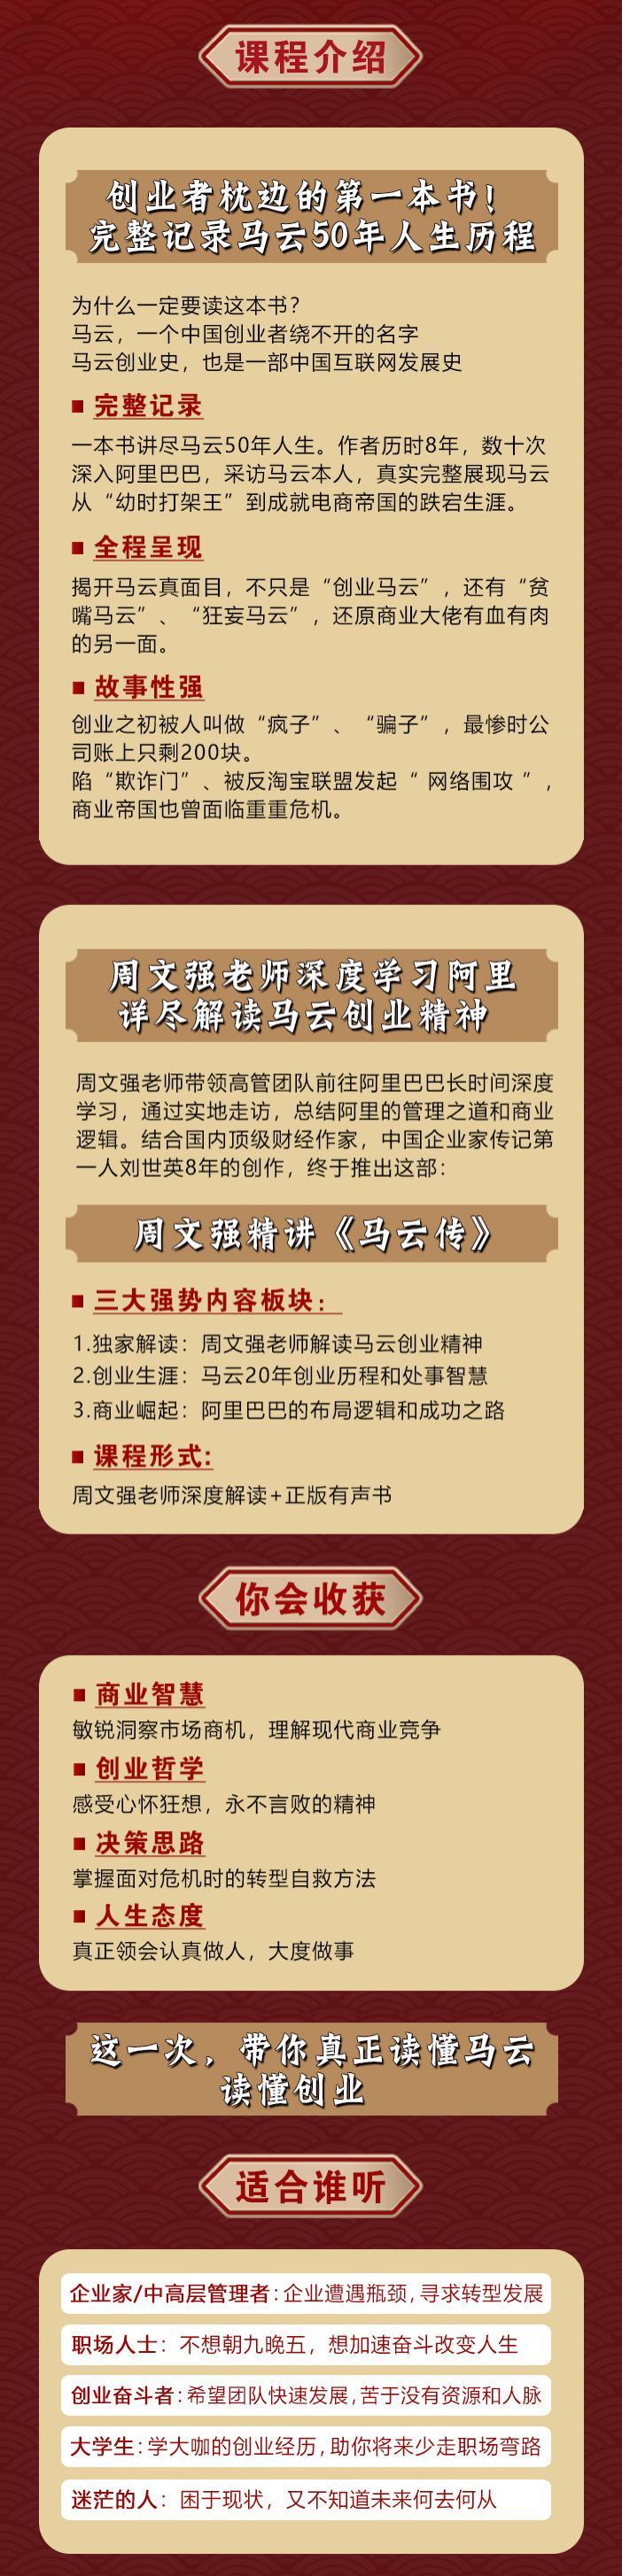 【独家返利】马云全传 | 周文强精讲阿里创业成功之道